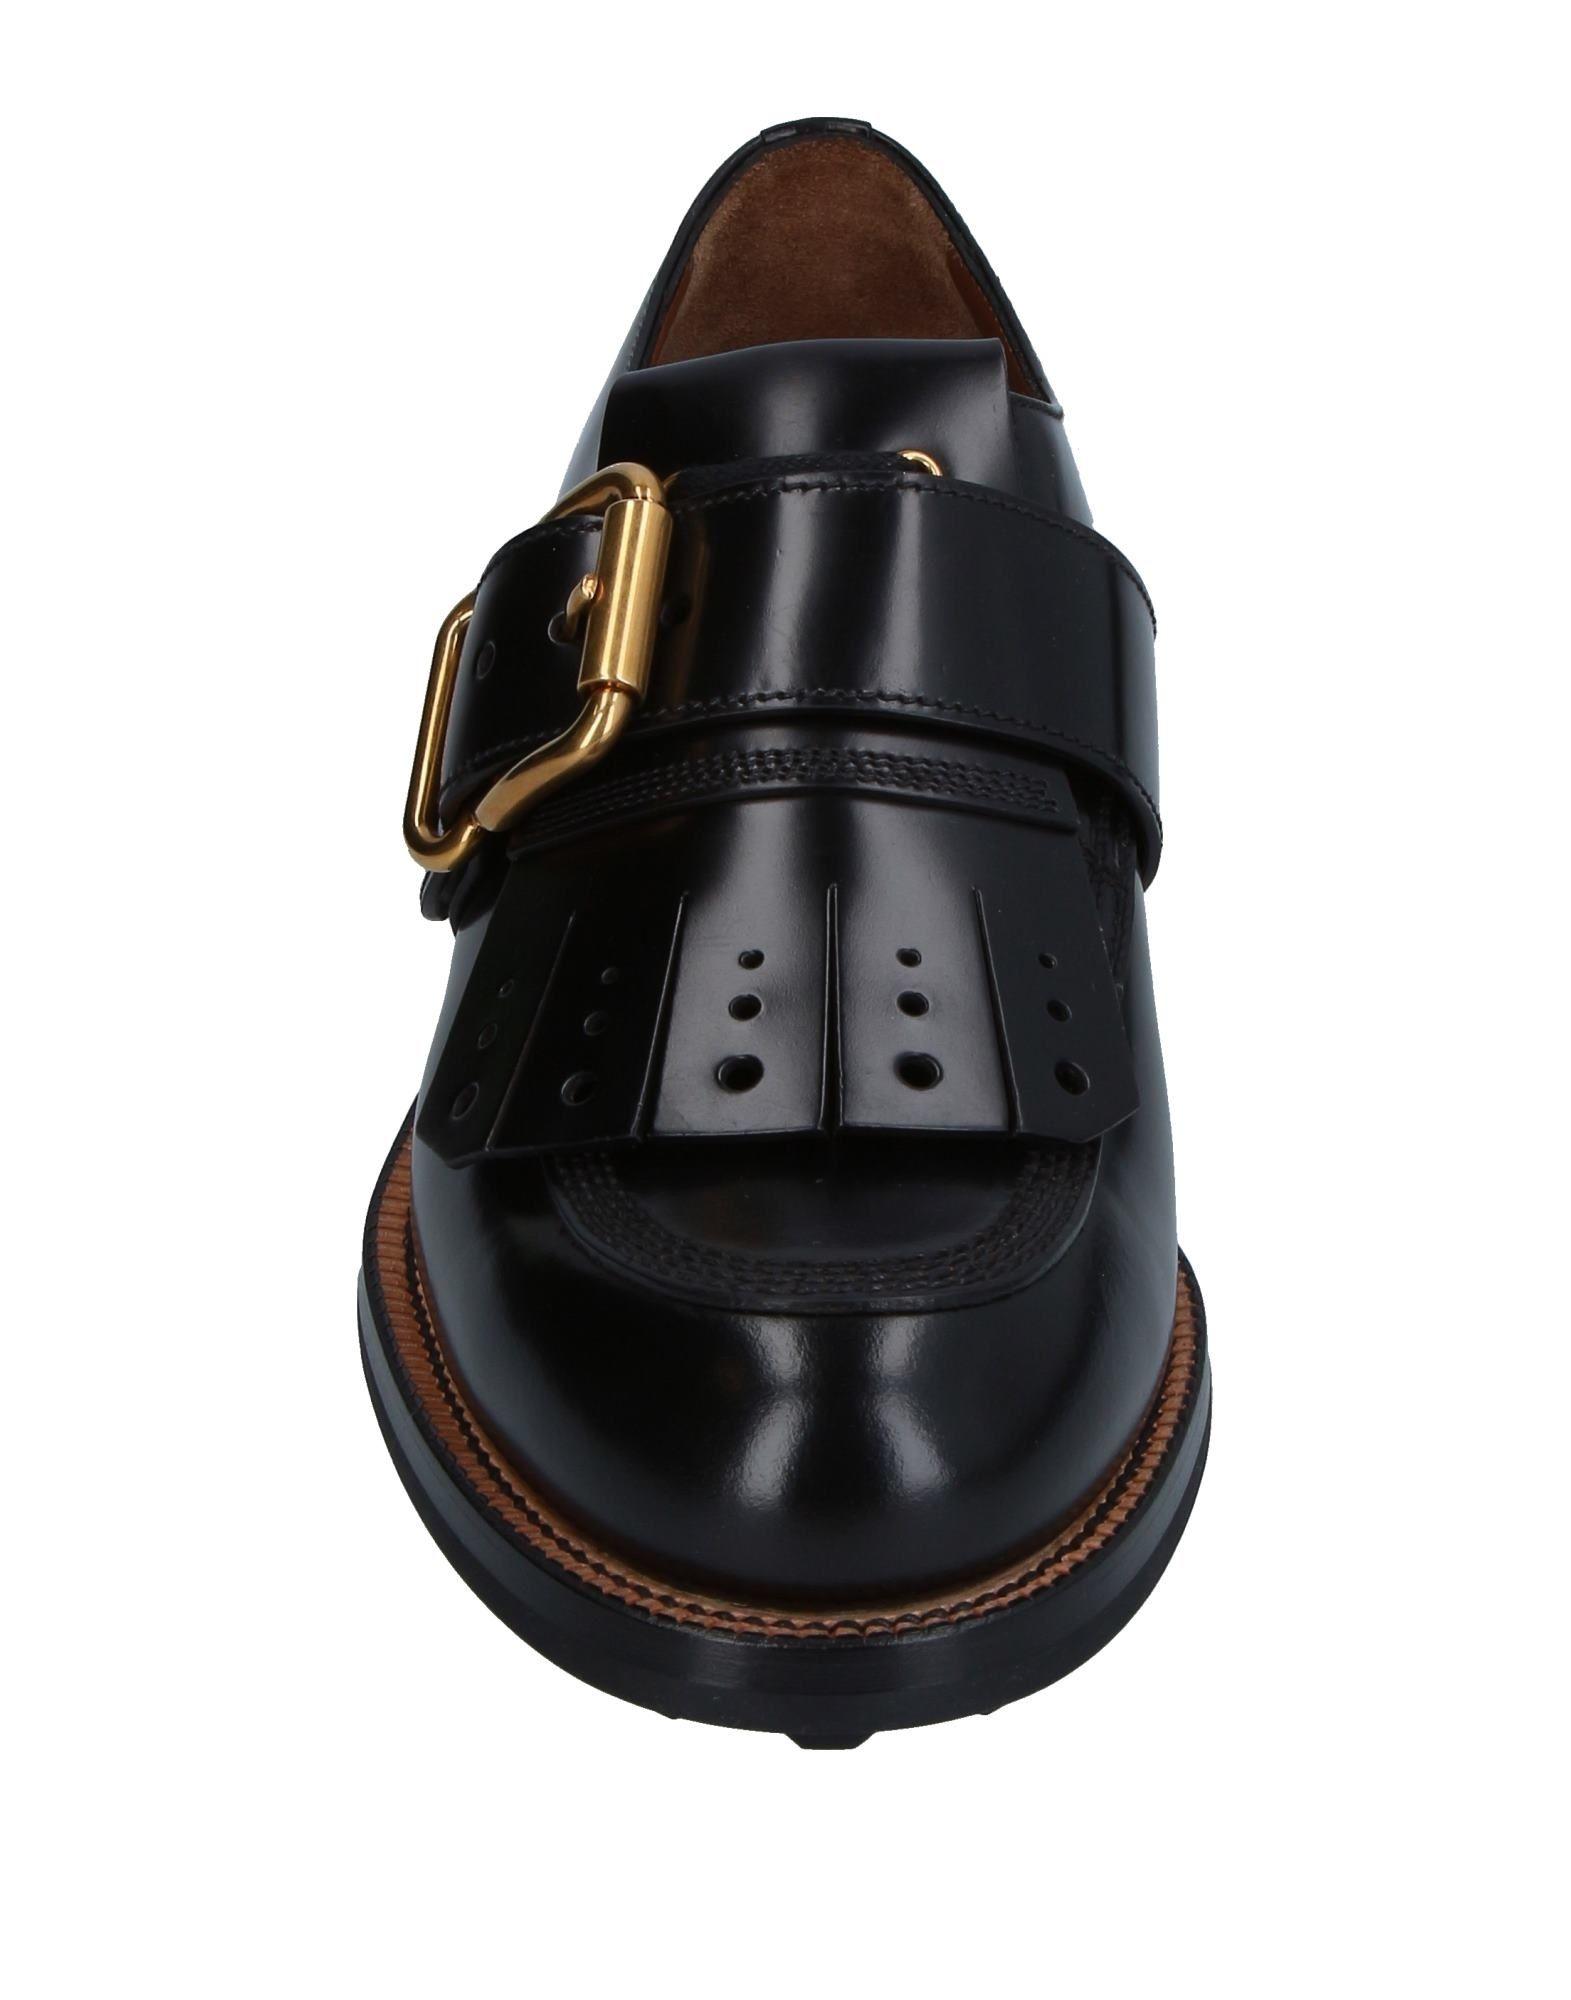 Prada Mokassins Qualität Herren  11267553JS Gute Qualität Mokassins beliebte Schuhe e8f3b1